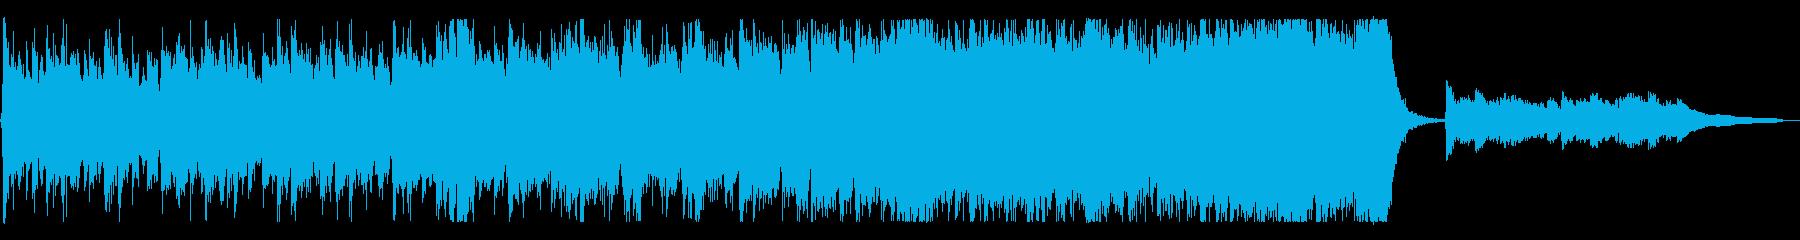 オーケストラ/力強く感動的_短めの再生済みの波形